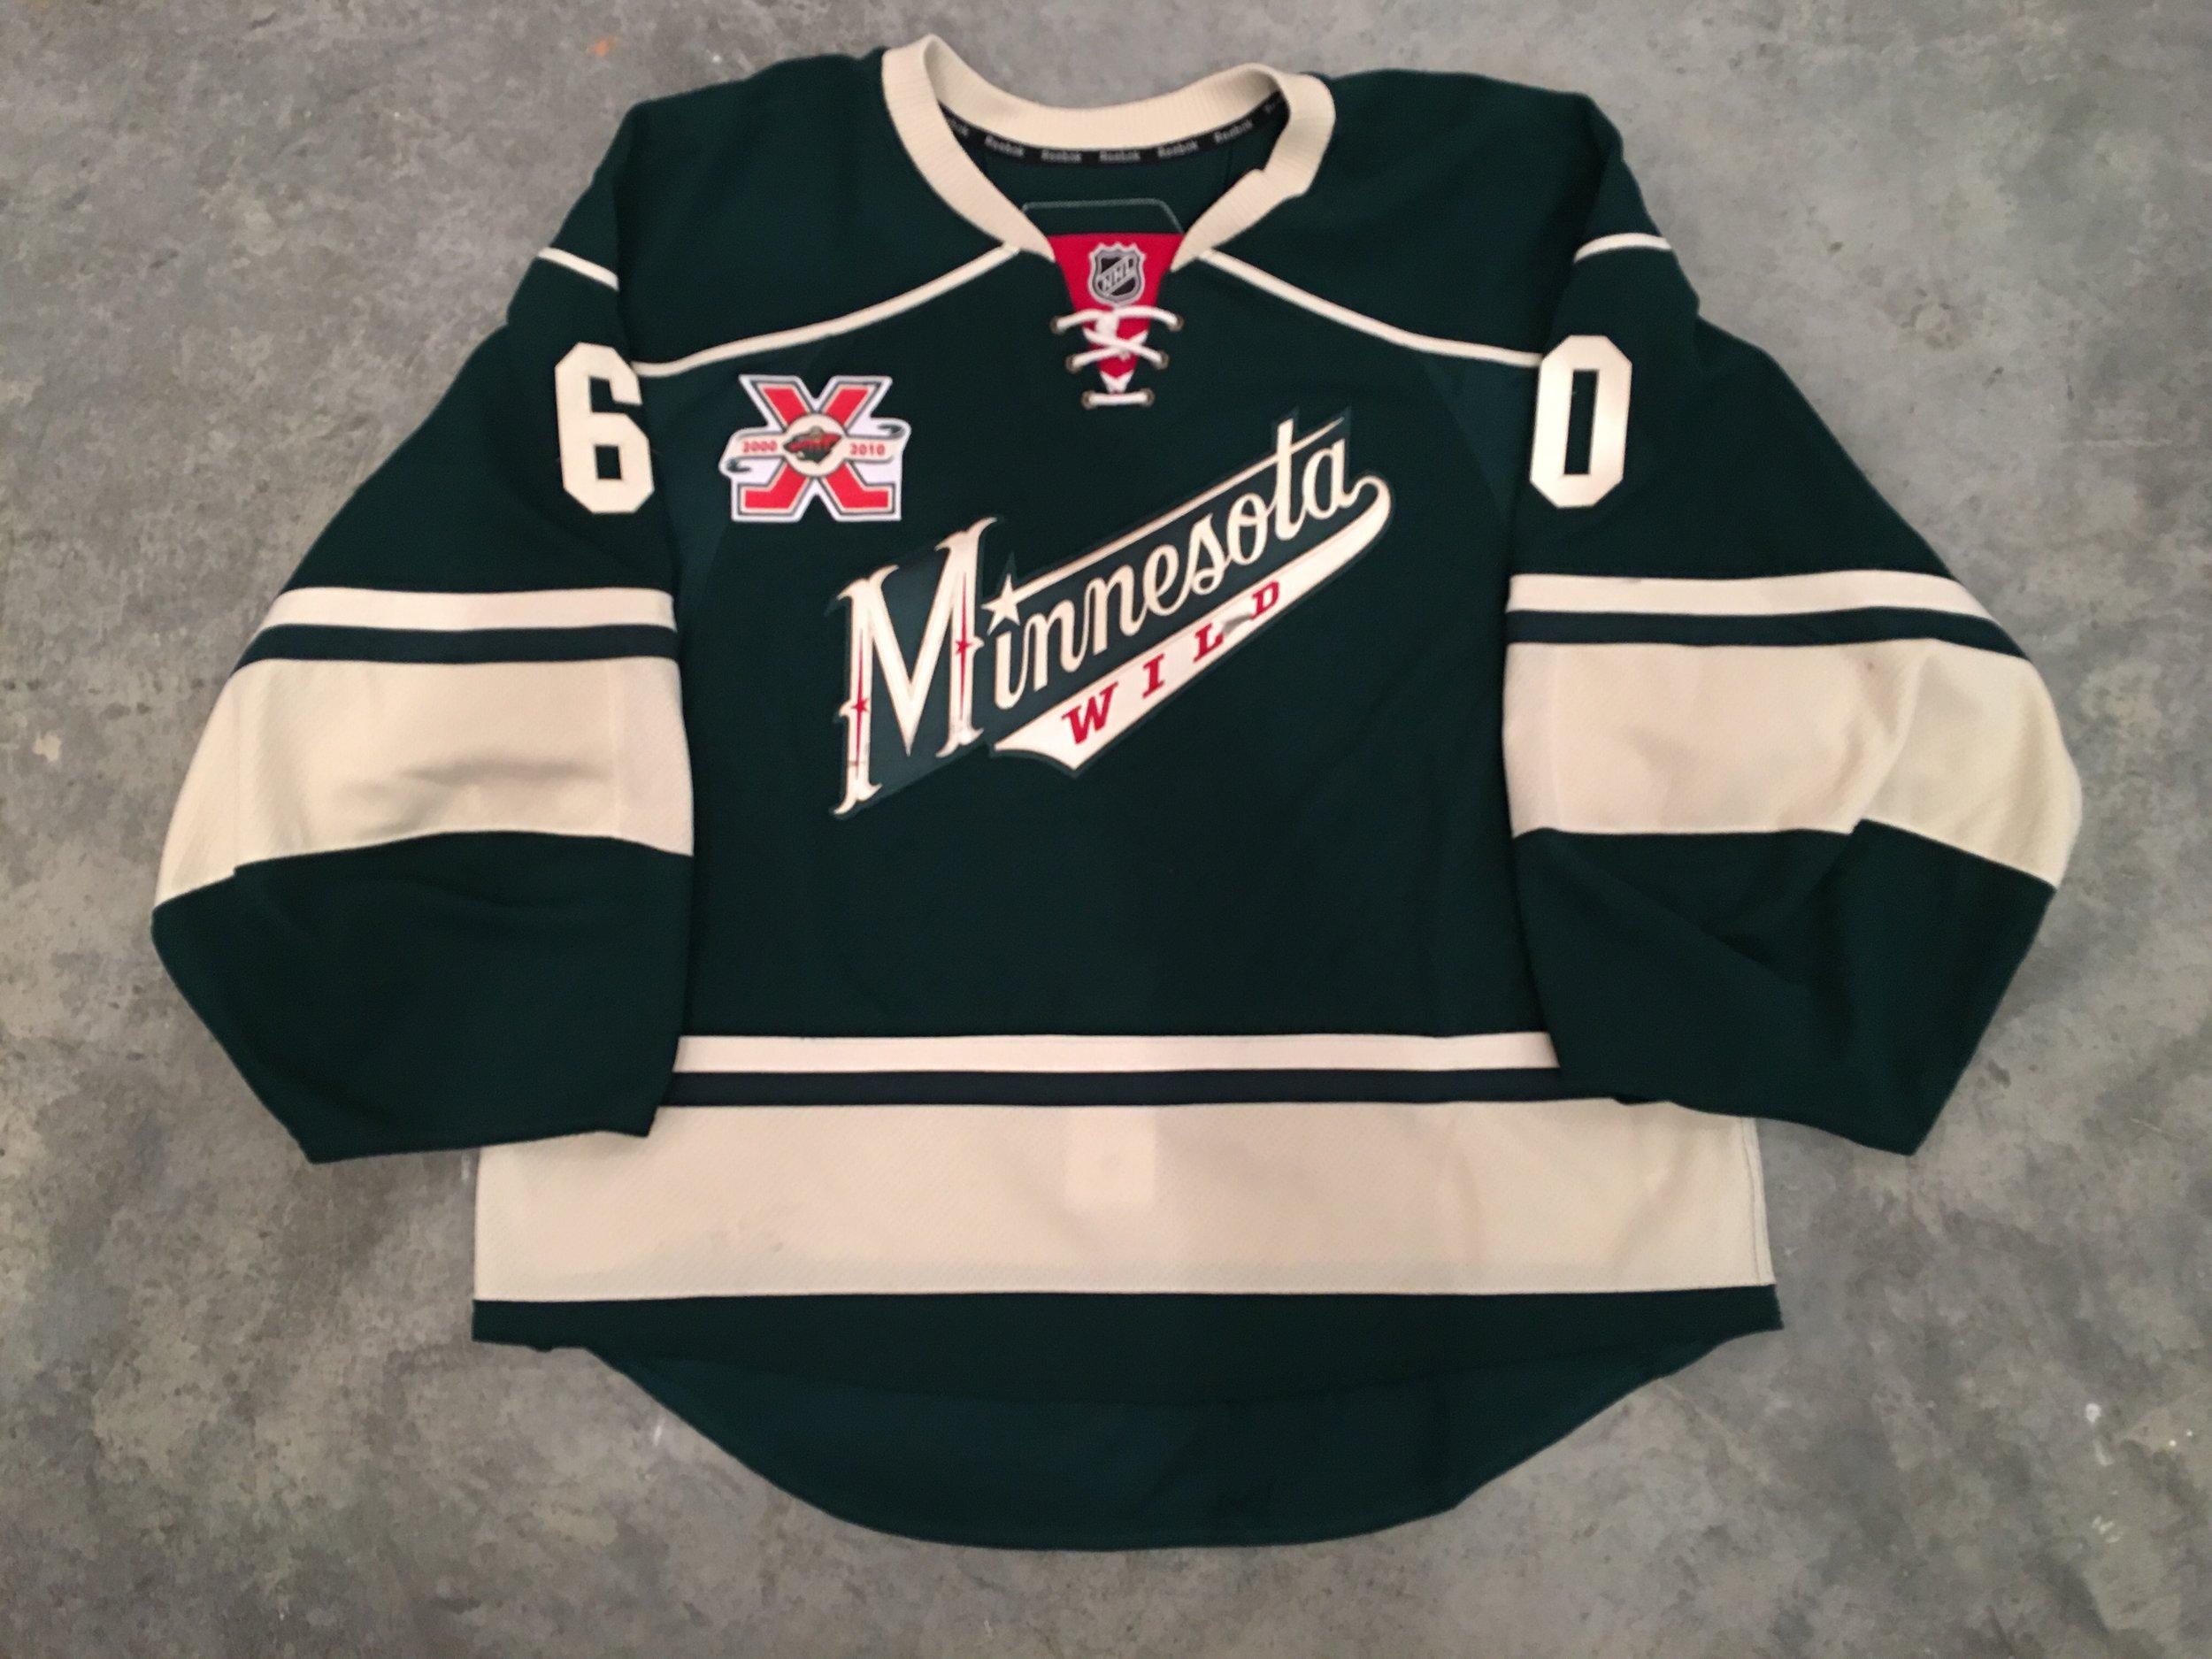 Jose Theodore Minnesota Wild Game Worn Jersey - 2002 Vezina Winner